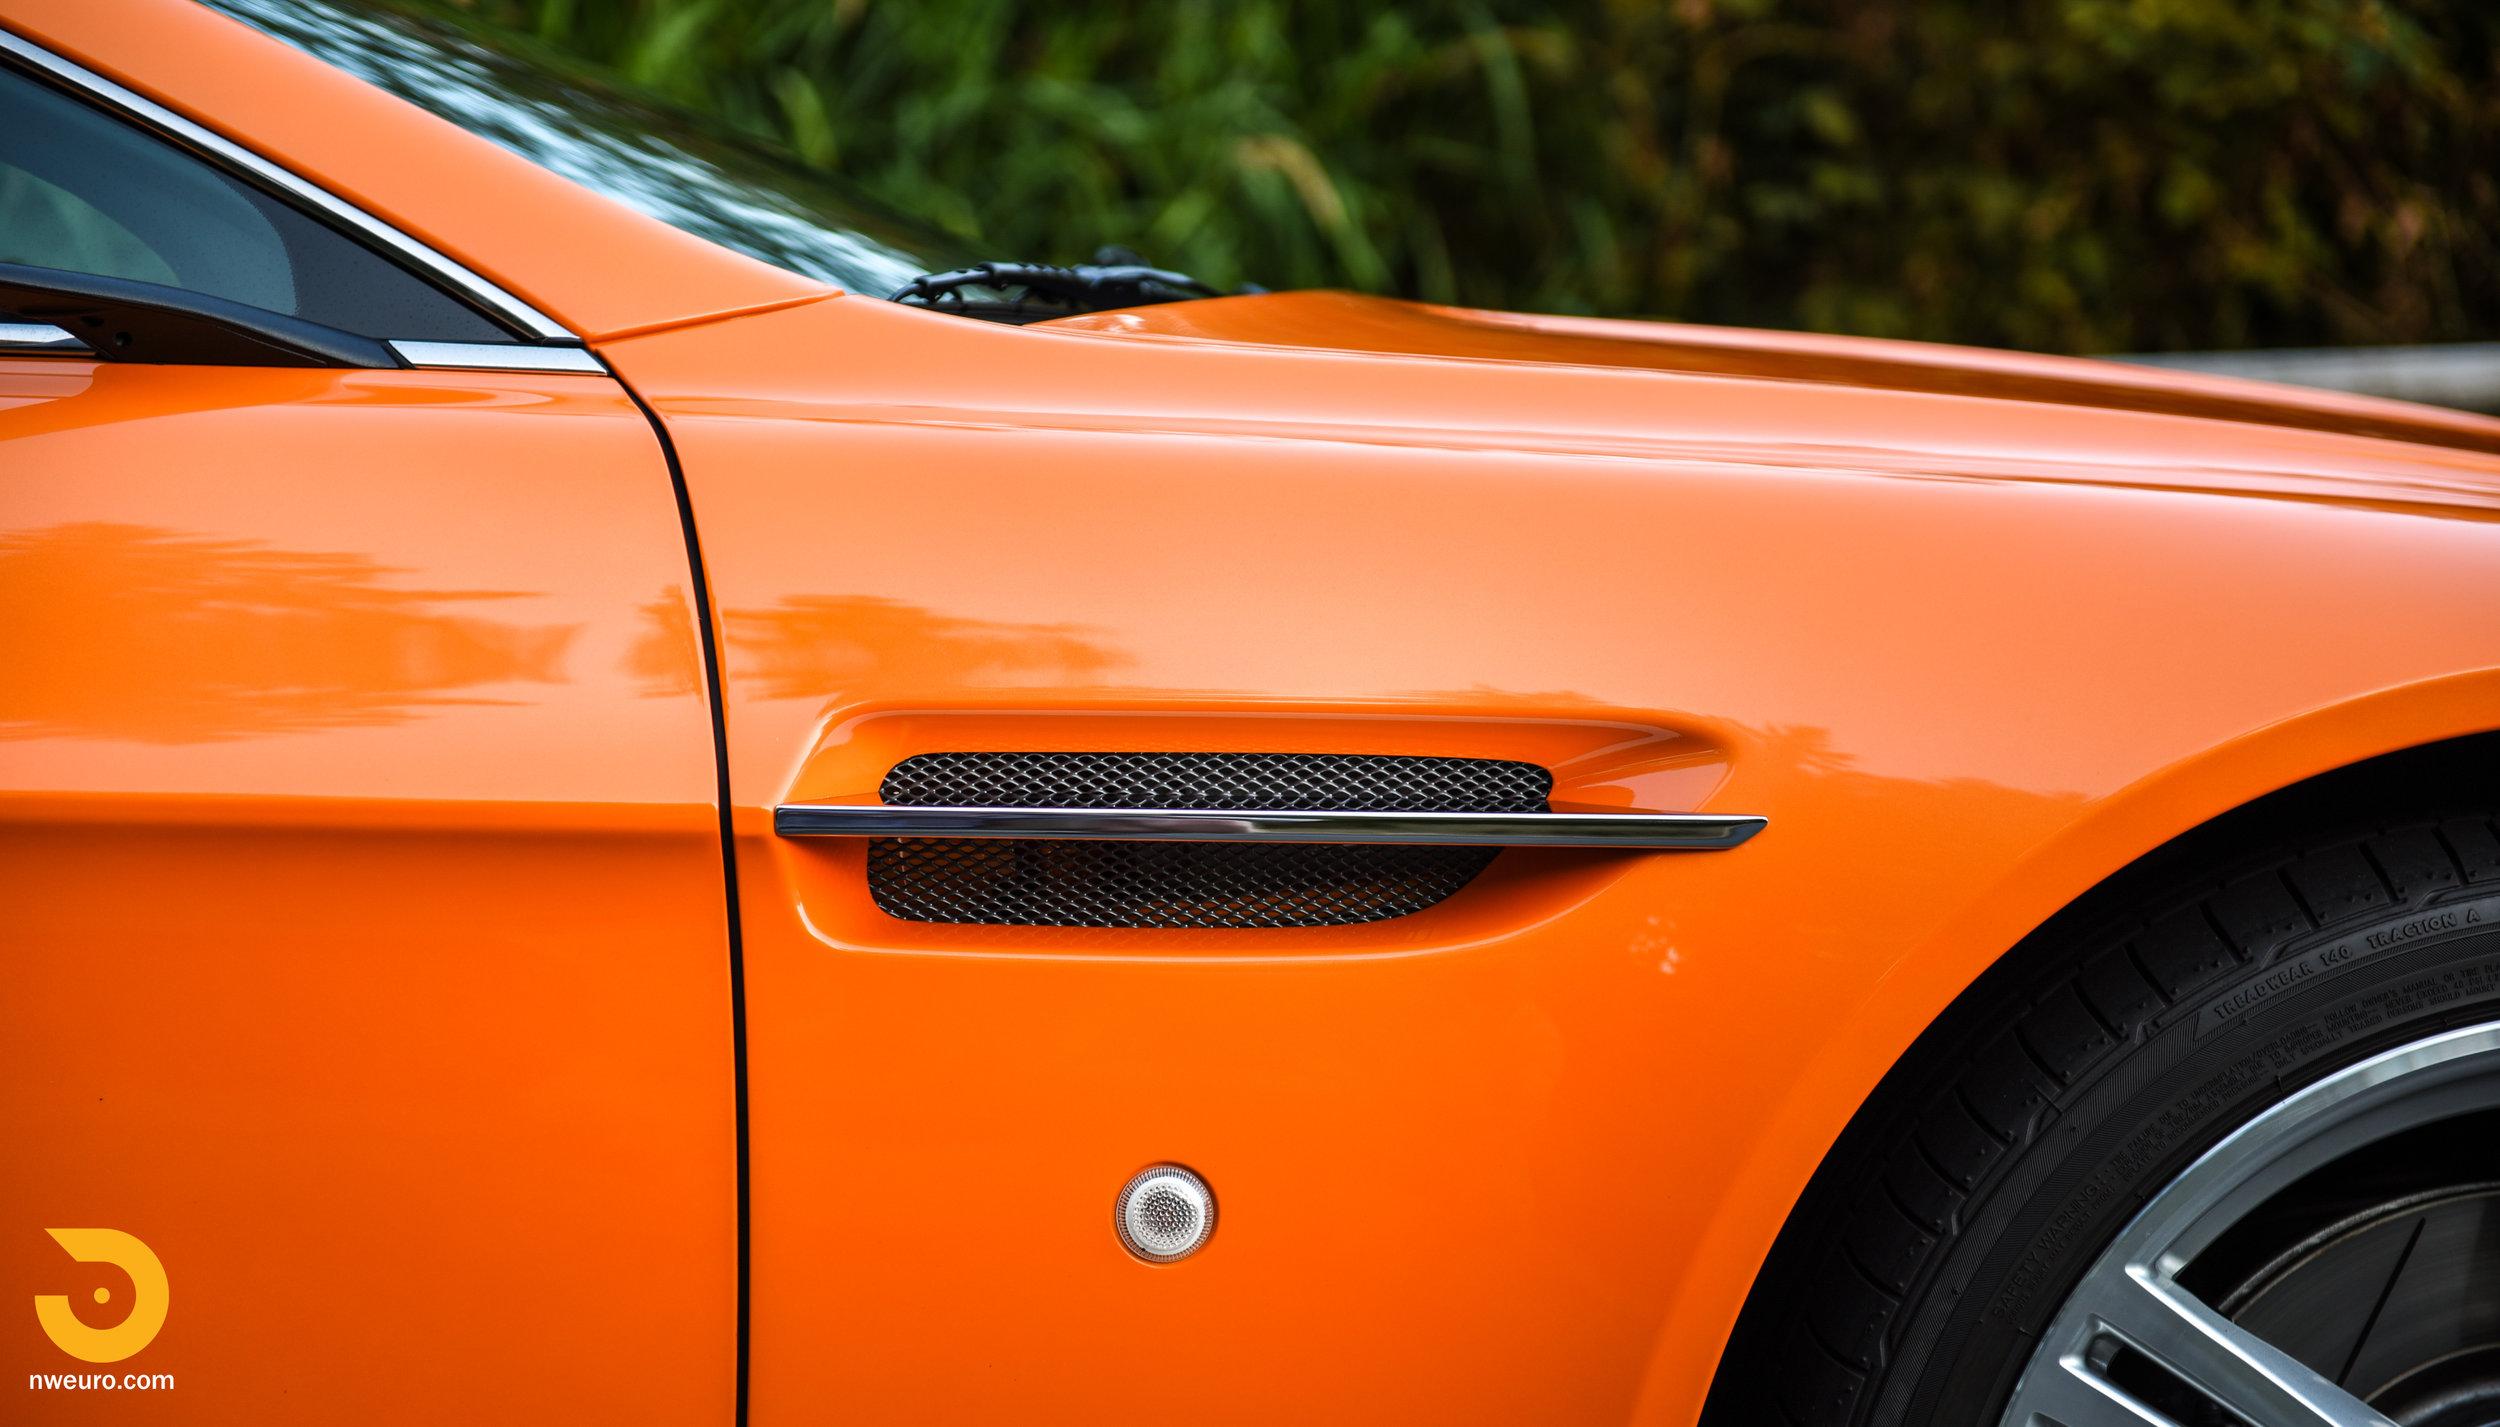 2009 Aston Martin V8 Vantage-10.jpg